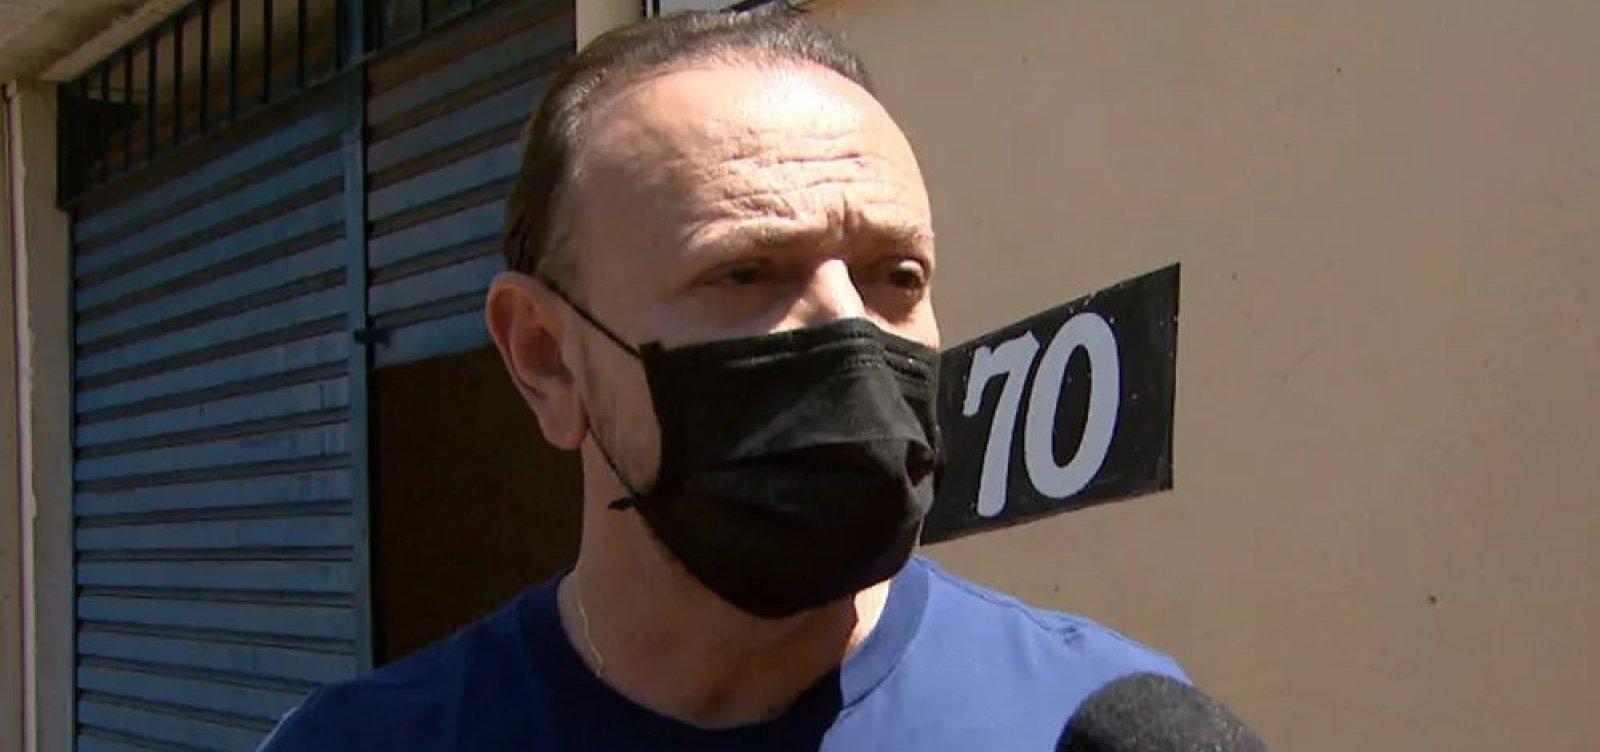 [Prefeito de Araraquara sofre ameaça pelas redes sociais após endurecer medidas para frear Covid]